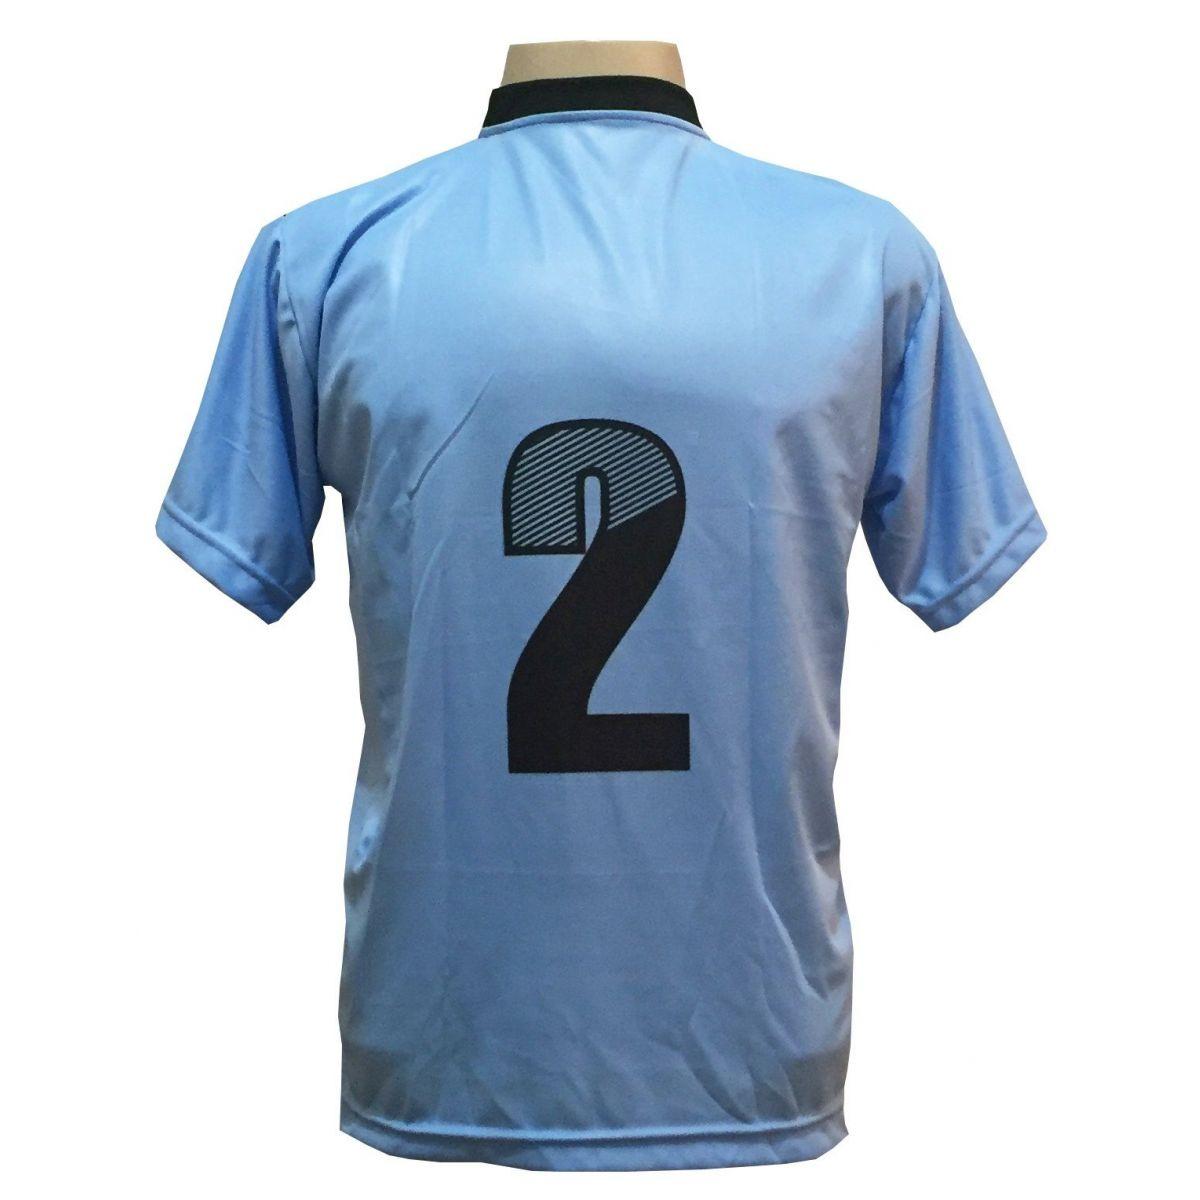 Uniforme Completo modelo Roma 18+2 (18 Camisas Celeste/Preto + 18 Calções Madrid Preto + 18 Pares de Meiões Pretos + 2 Conjuntos de Goleiro) + Brindes